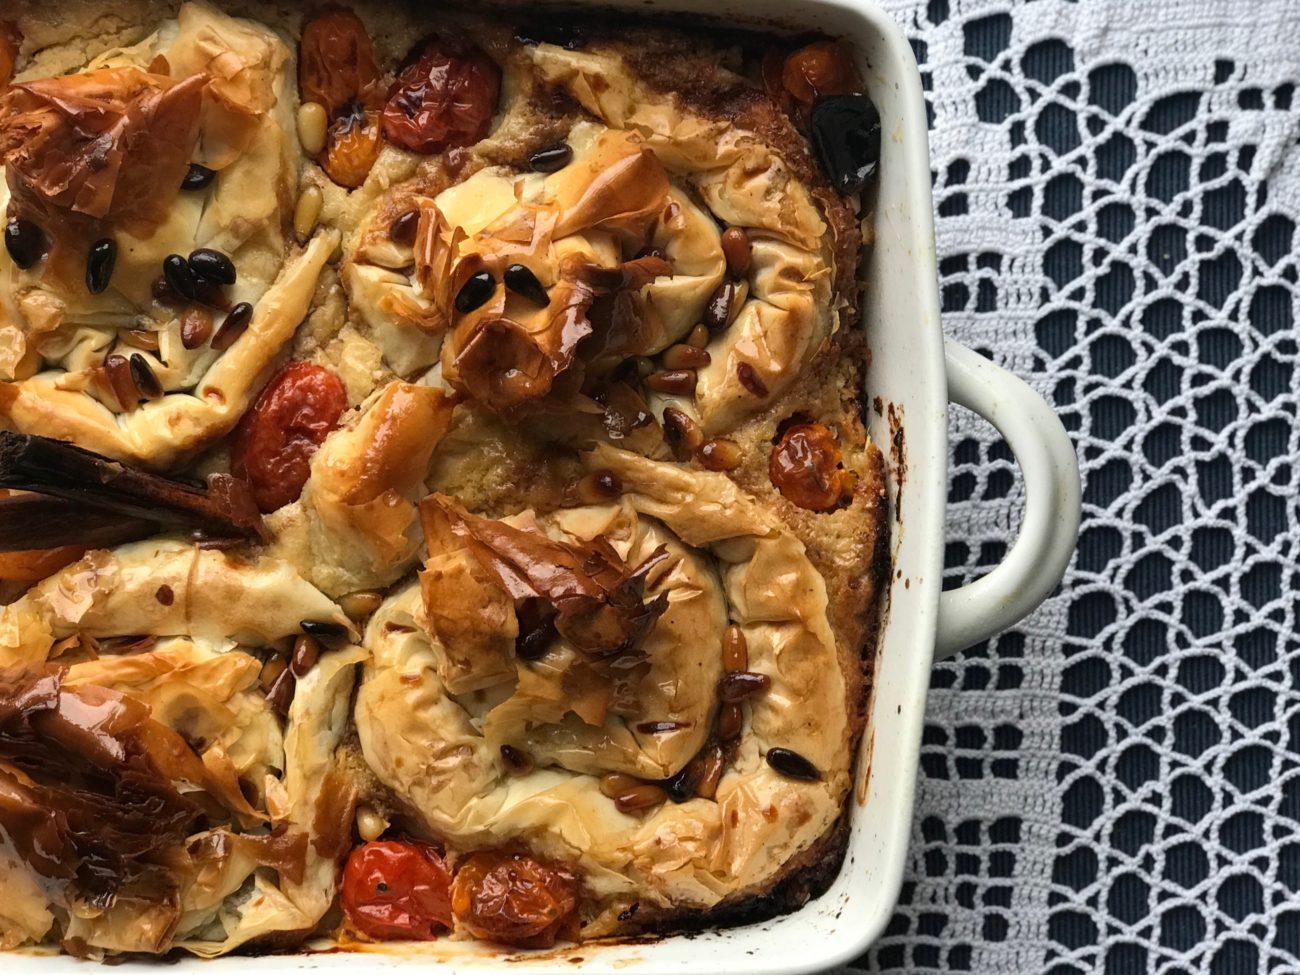 פרחי פילו בשר וחצילים, אפויים בג׳קוזי טחינה, עגבניות שרי צלויות וסילאן